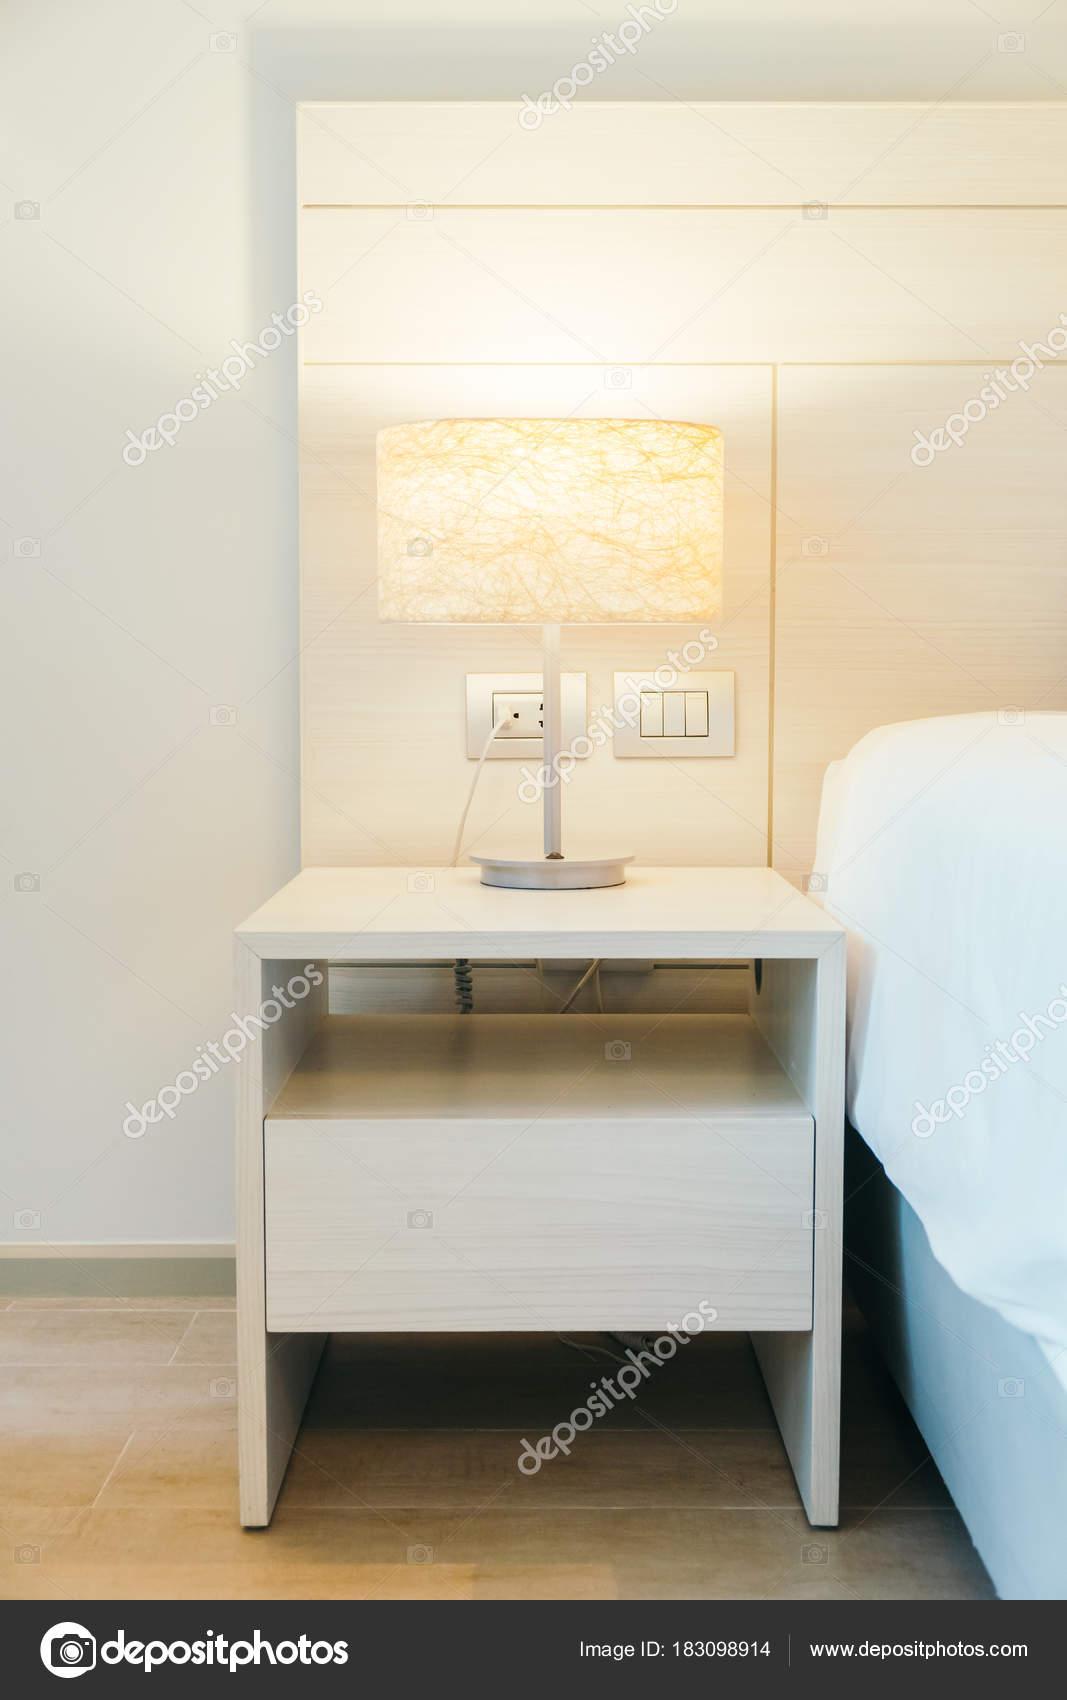 Decoration Lampe Interieur Chambre Coucher Photographie